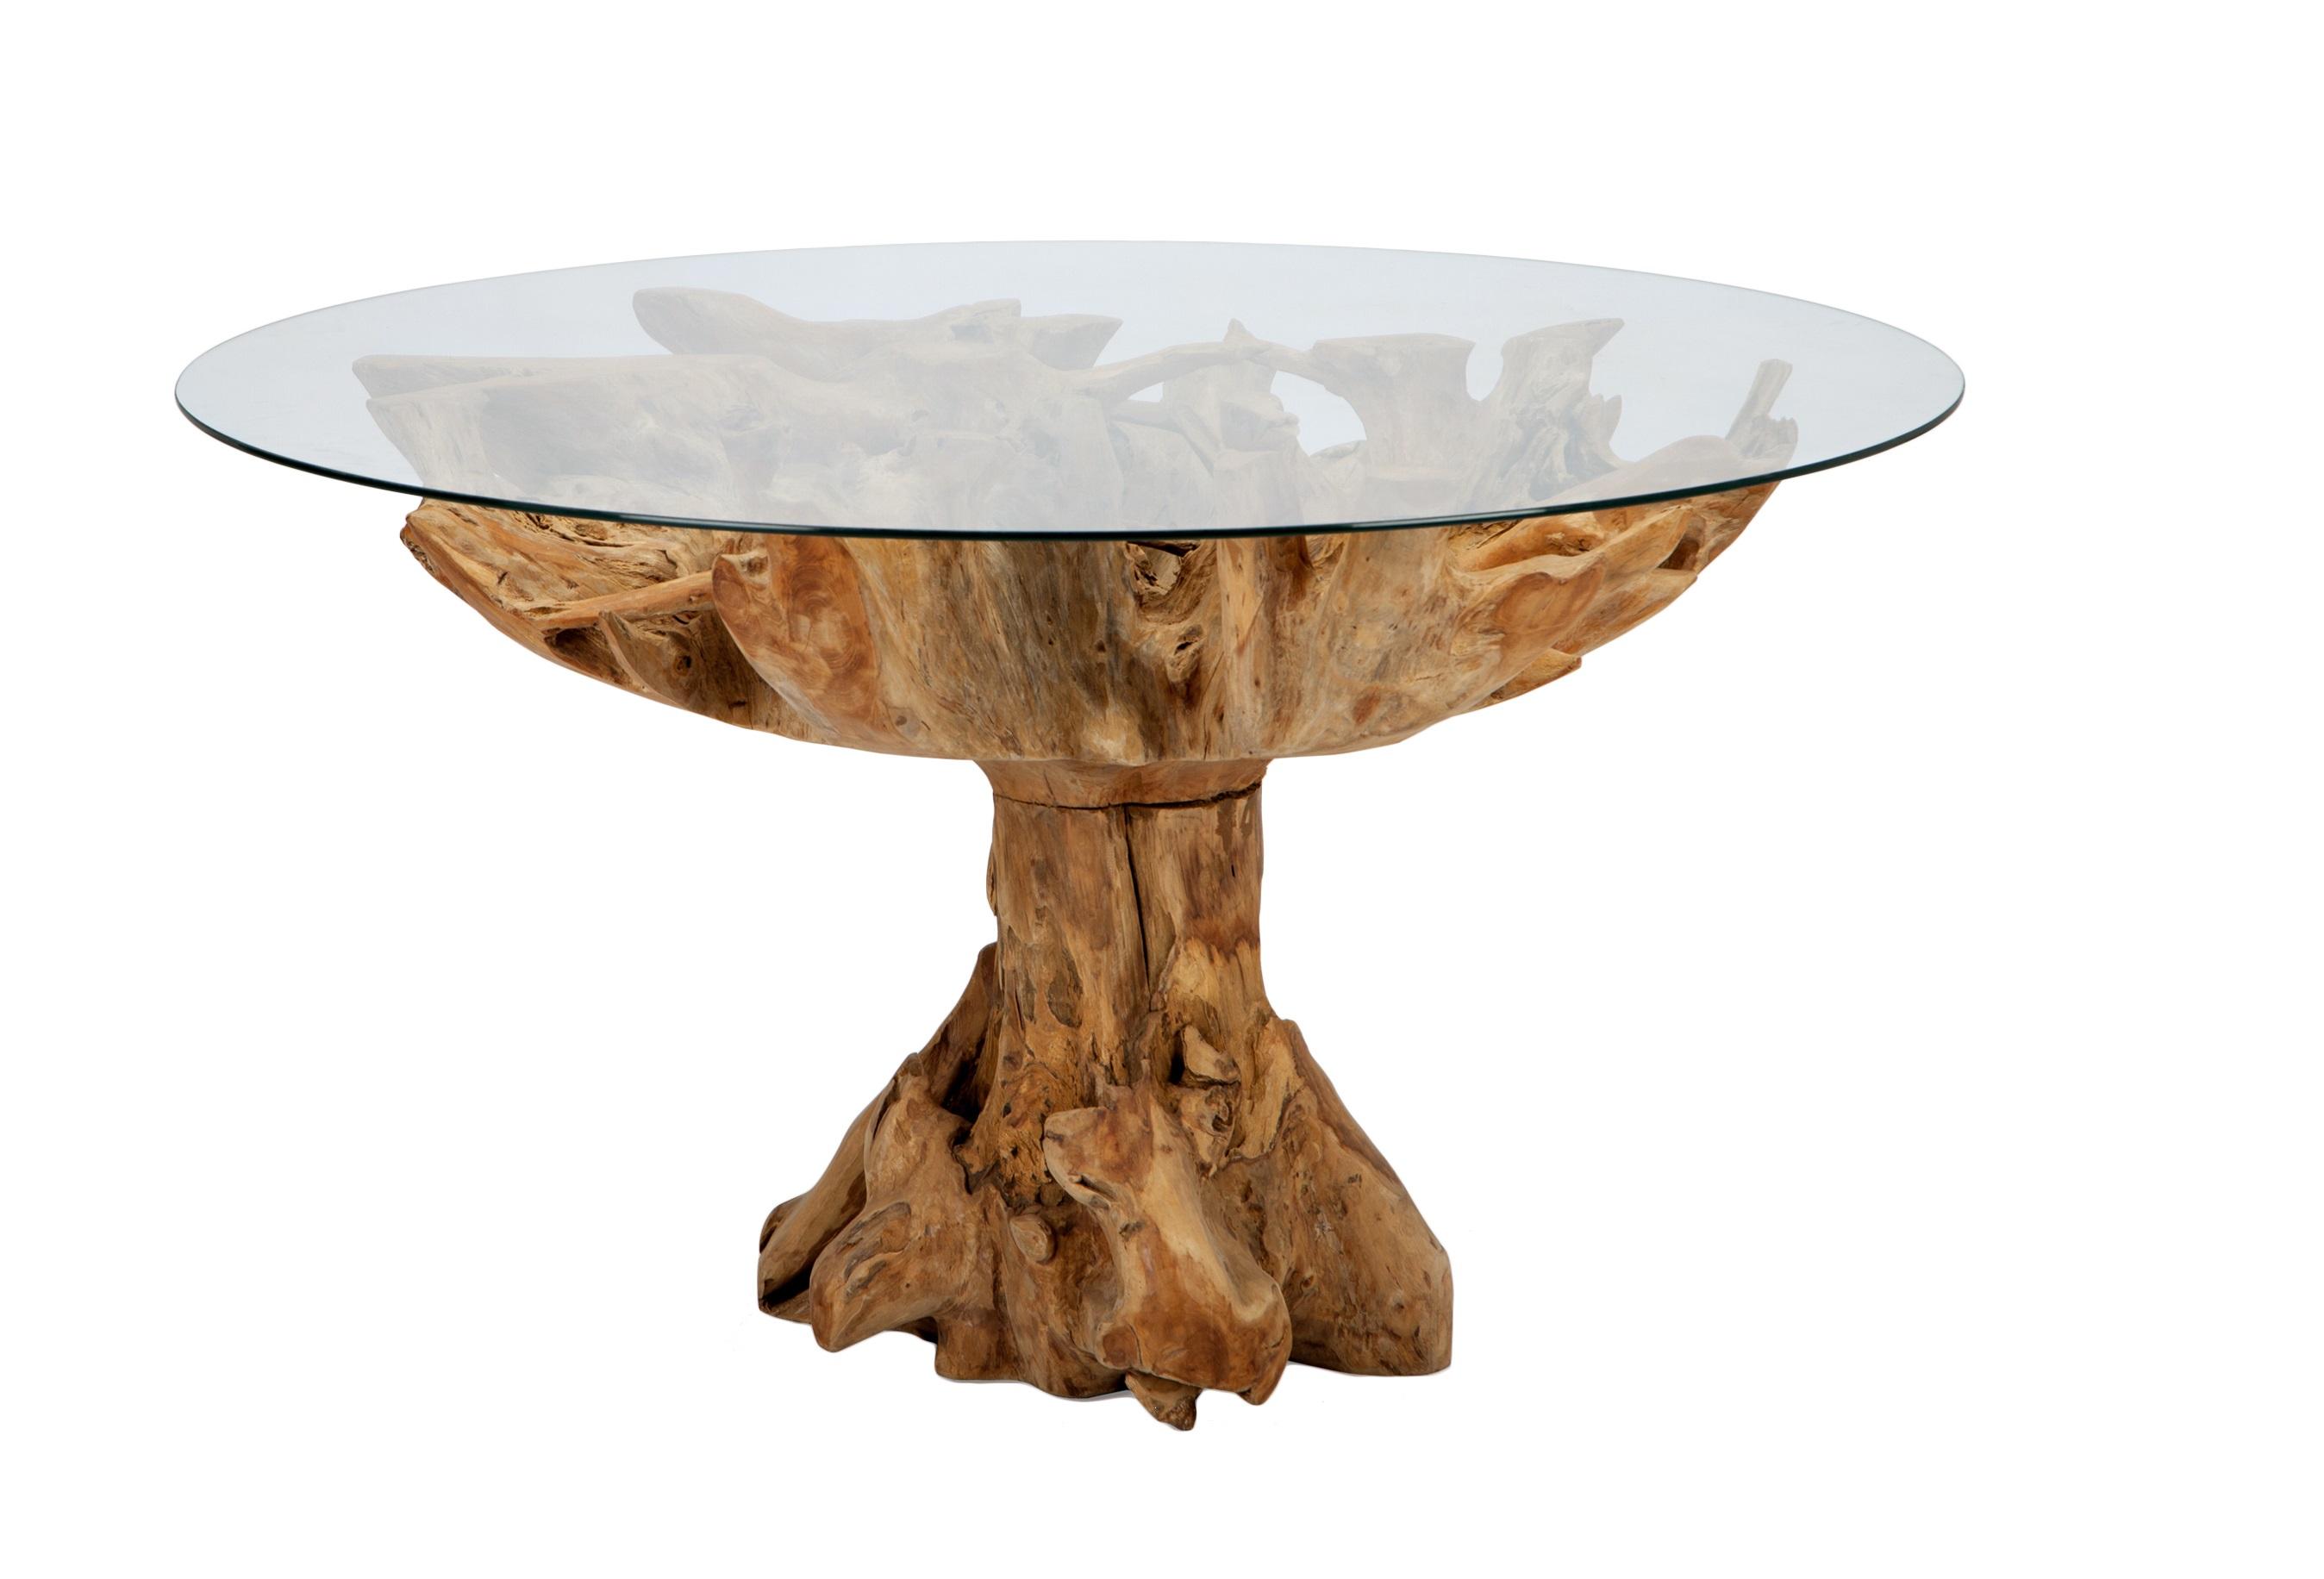 Стол обеденныйОбеденные столы<br>Стол из состаренного дерева со столешницей из прозрачного стекла.<br><br>Material: Стекло<br>Height см: 80<br>Diameter см: 110